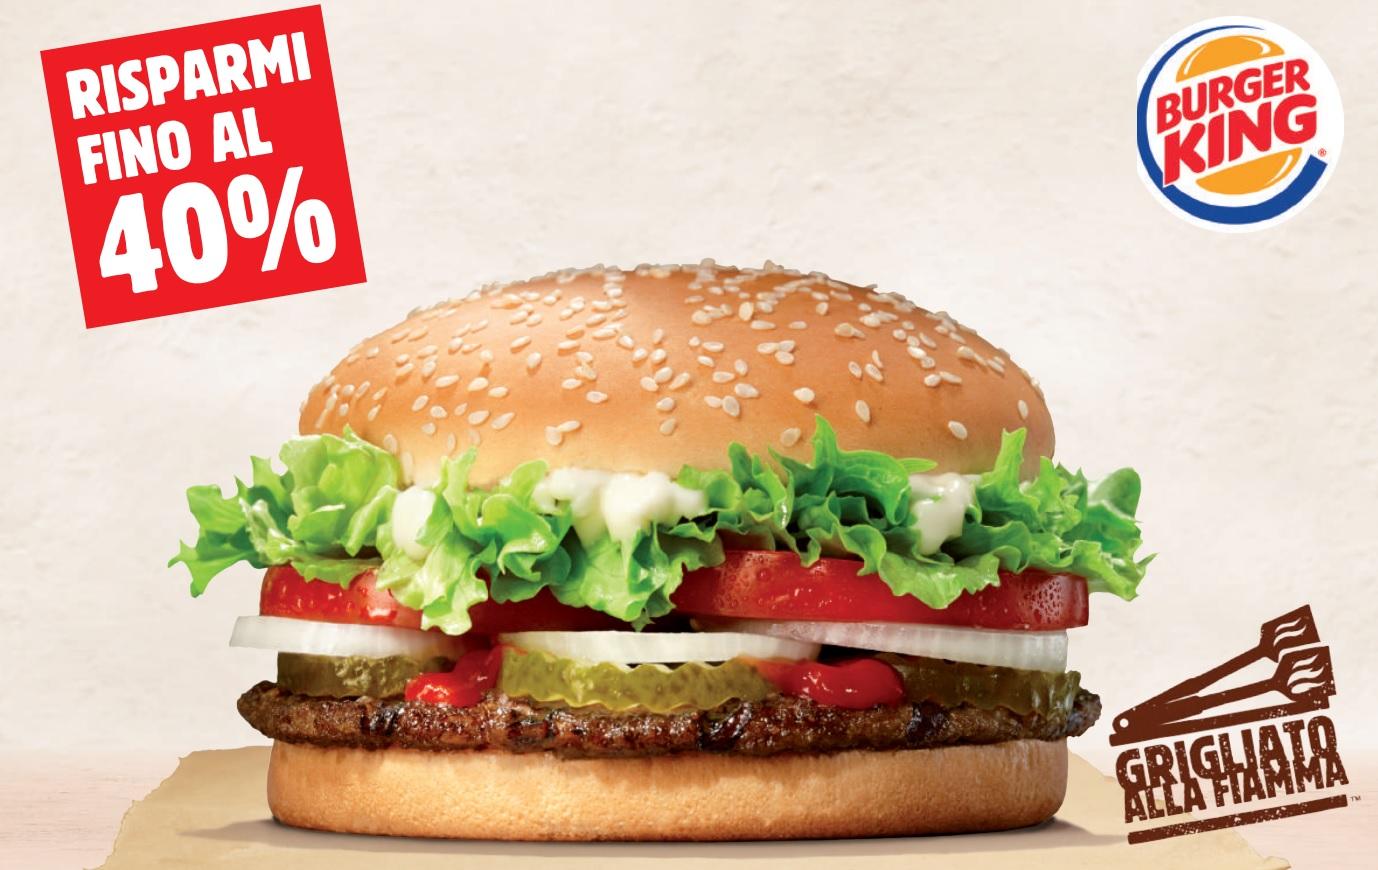 Buoni sconto Burger King per risparmiare fino al 40% validi fino al 14/03/2017